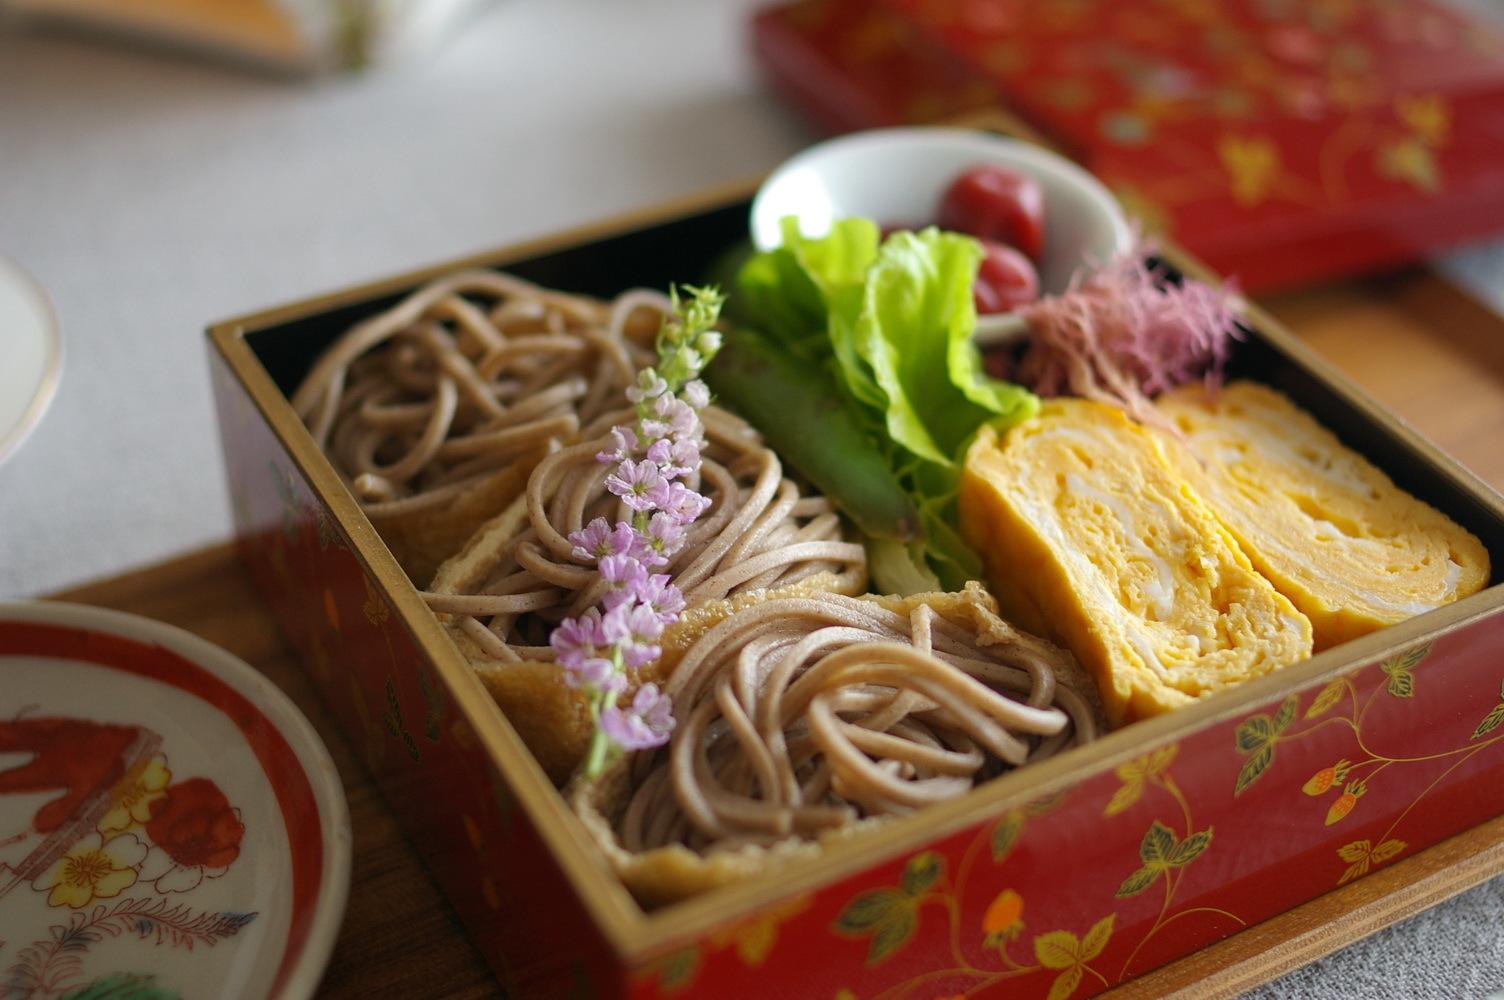 蕎麦稲荷寿司弁当_d0327373_14373881.jpg